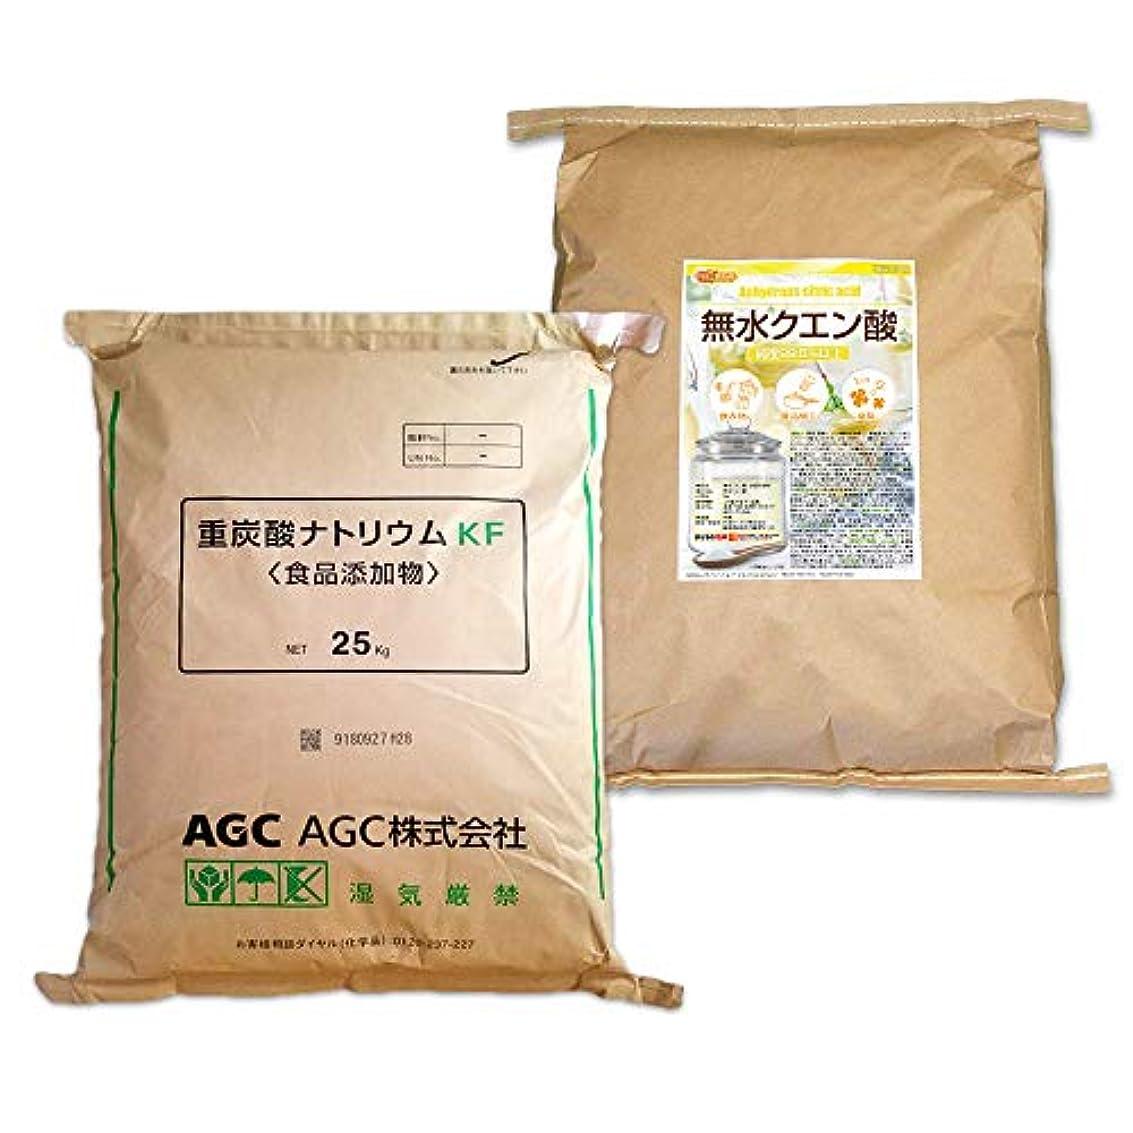 ラグ近代化本物AGC製 重曹 25kg + 無水 クエン酸 25kg セット [02] 【同梱不可】NICHIGA(ニチガ)